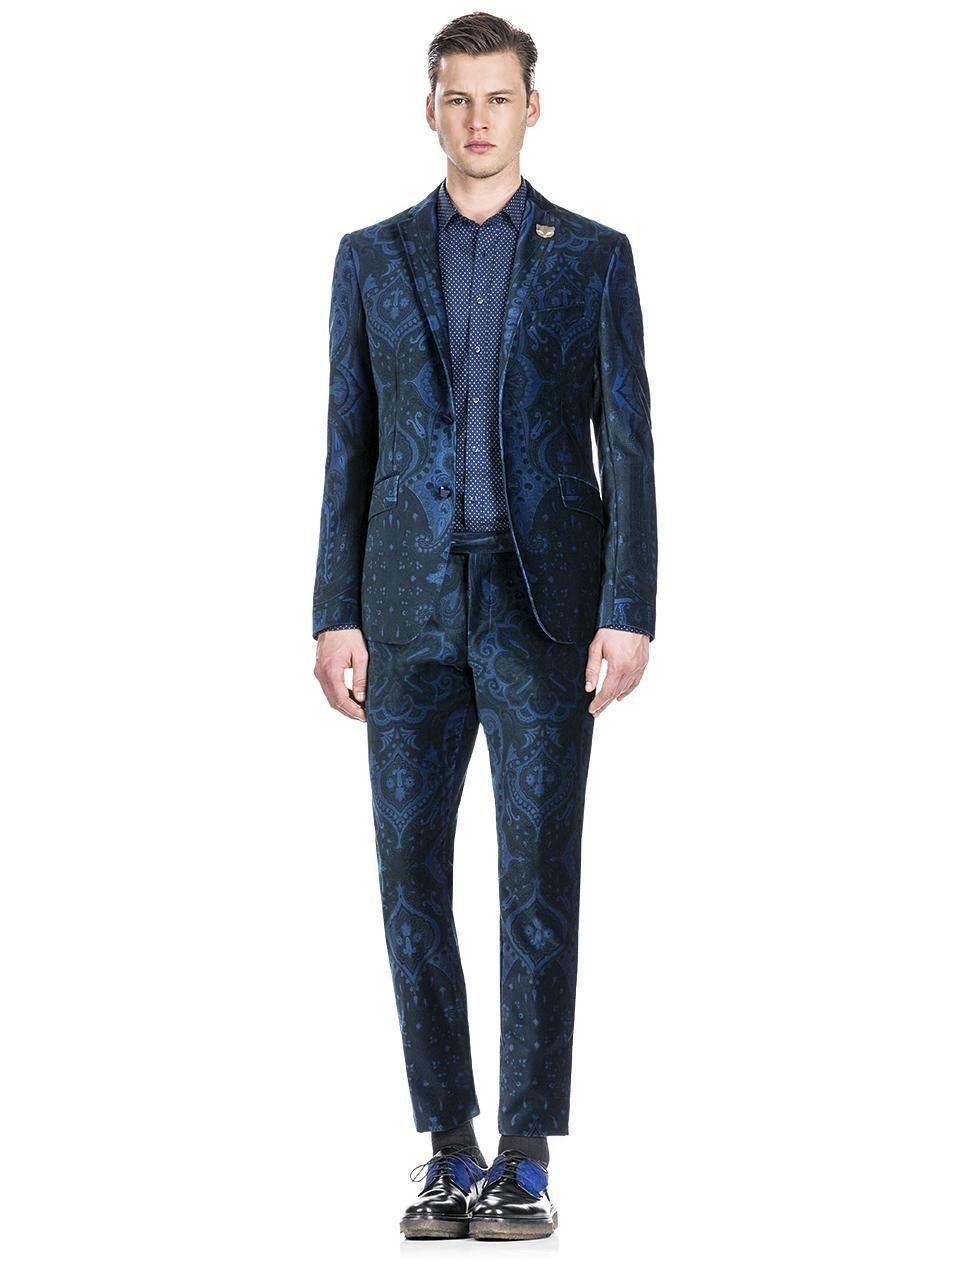 d149fdc2d0a93 Velvet suit with Paisley motifs (Etro AW15-16) | Your Pinterest ...